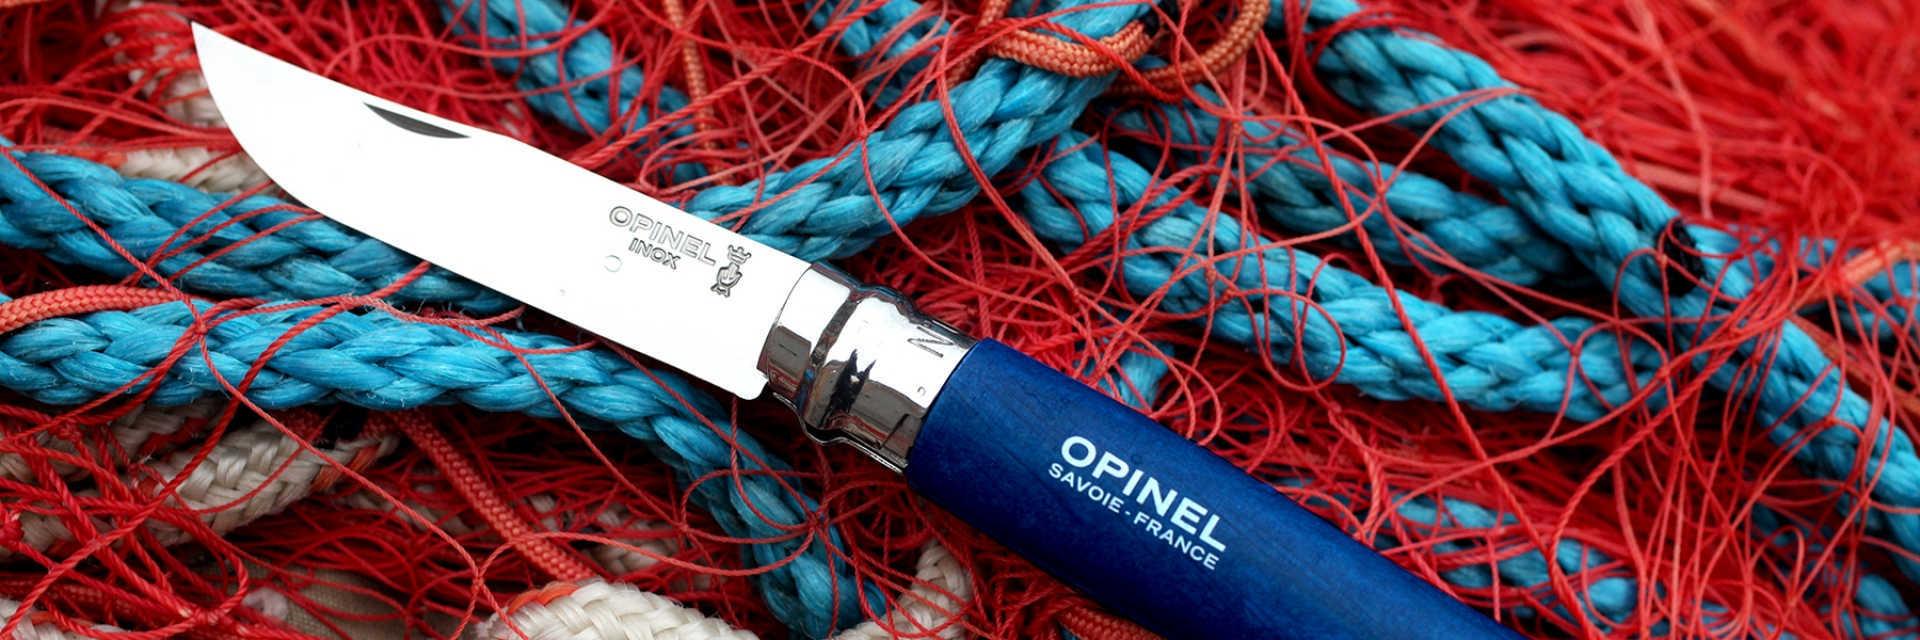 Фото 2 - Нож Opinel №8 Trekking, нержавеющая сталь, синий, с чехлом